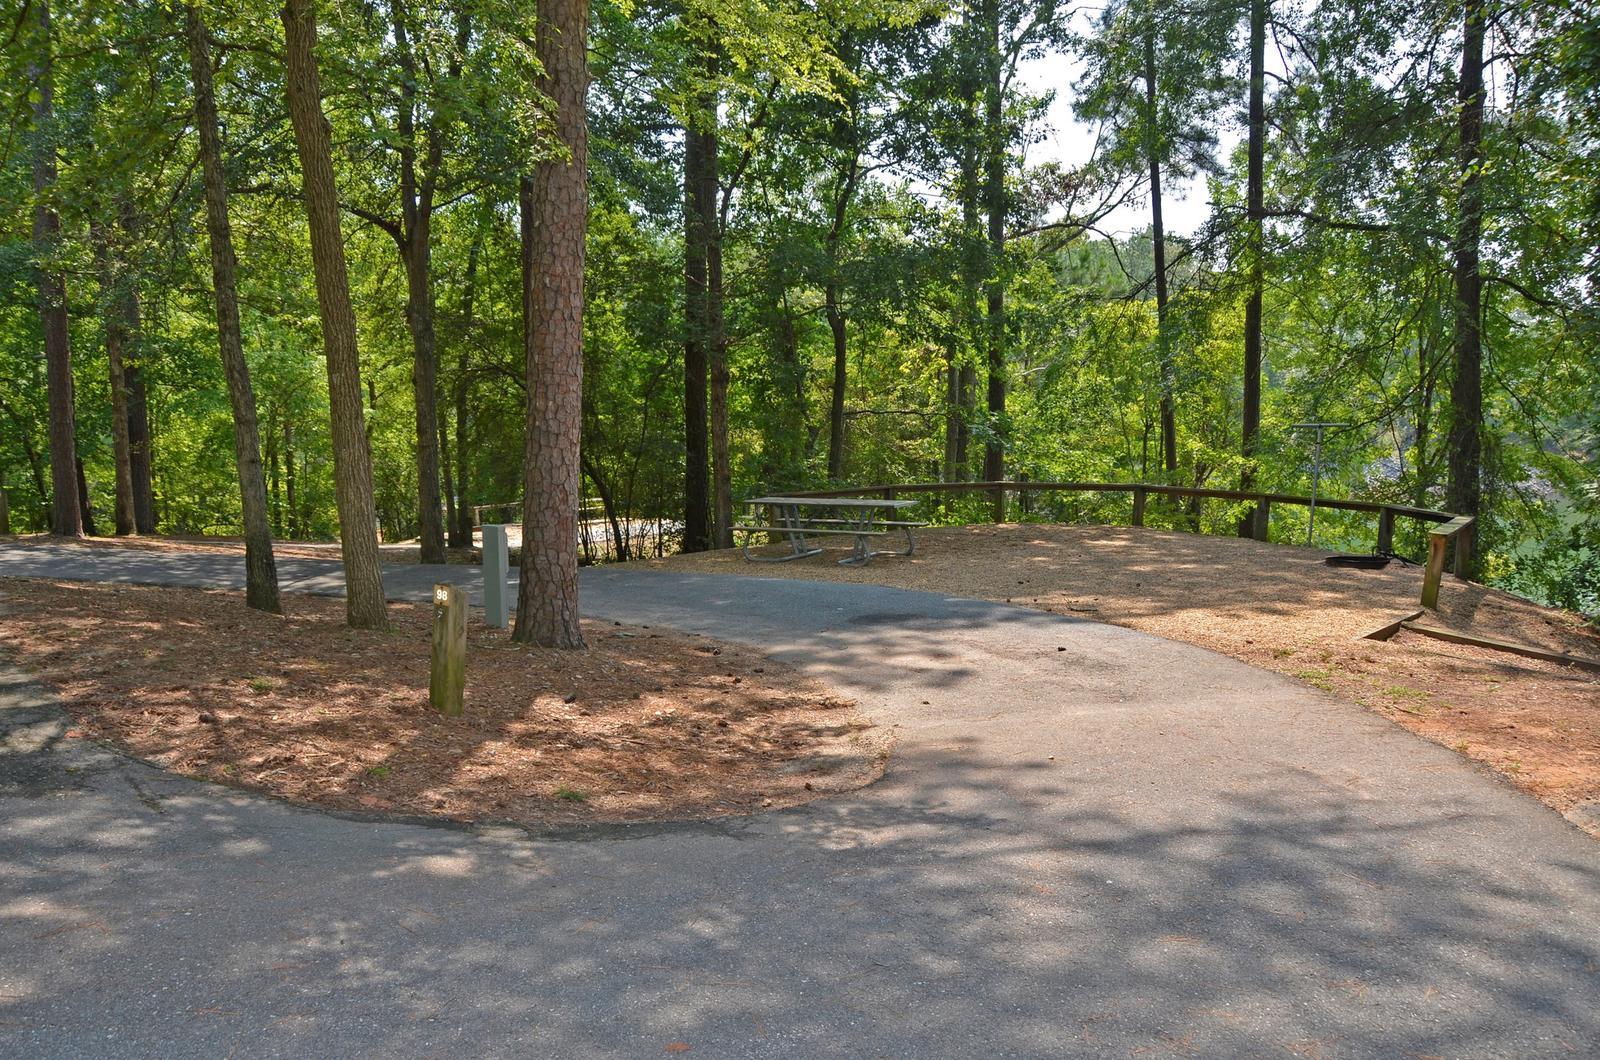 McKinney Campground Site 98